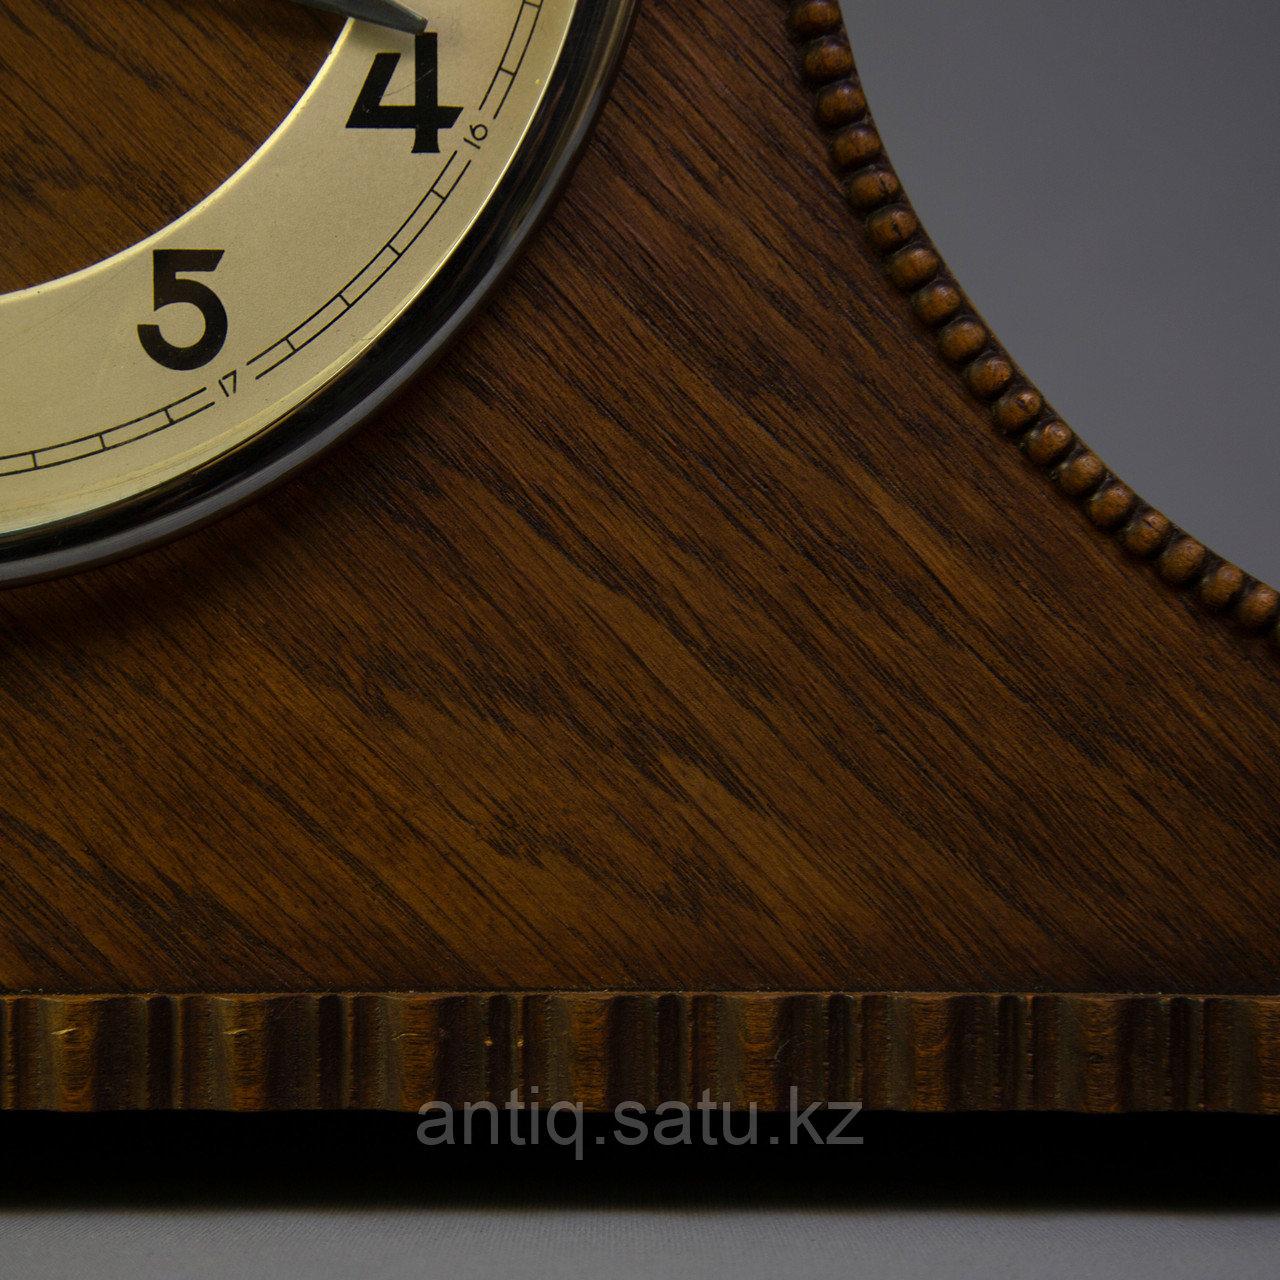 Настольные часы, Германия, I пол. ХХ века. - фото 6